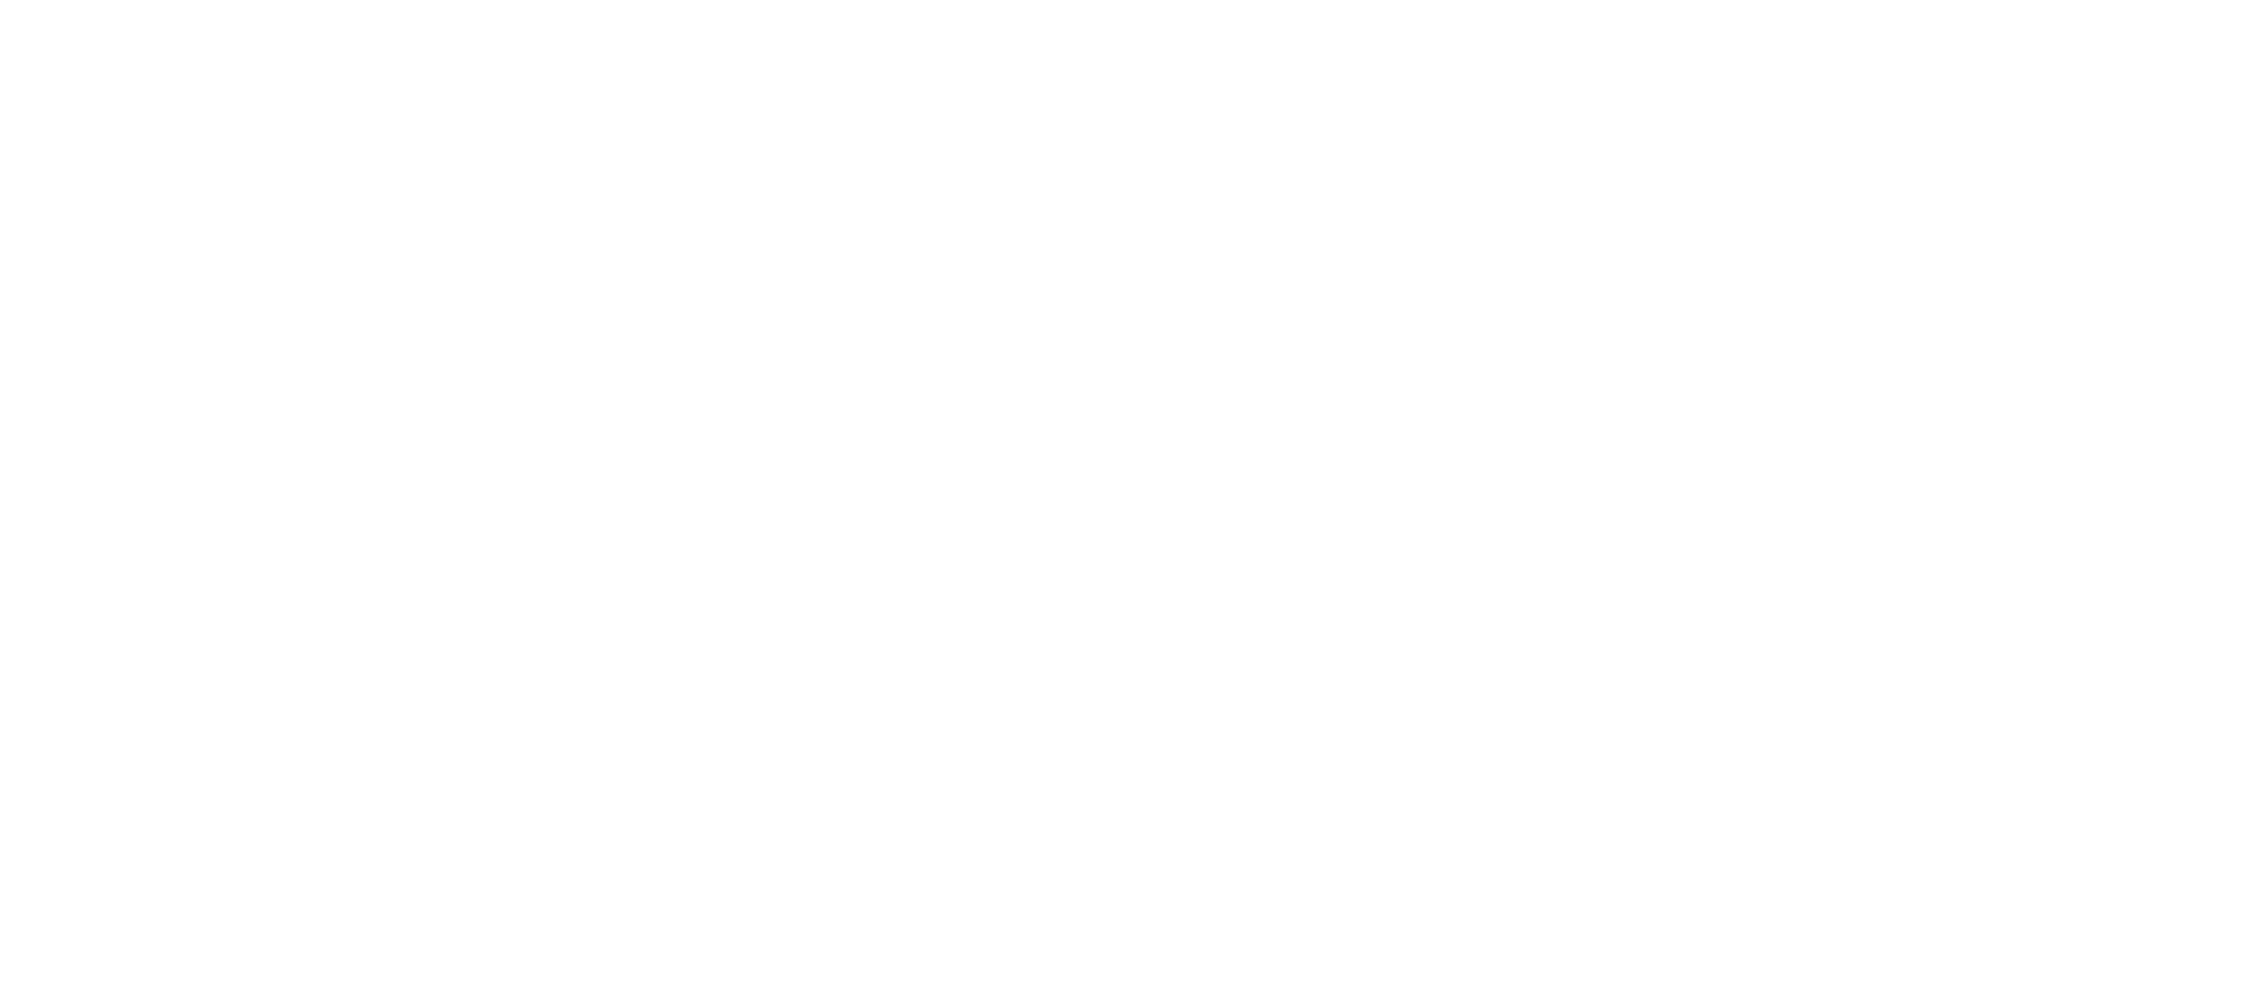 [WHITE]PRAIRIE NOODLE SHOP LOGO B&W NO PATTERN.png